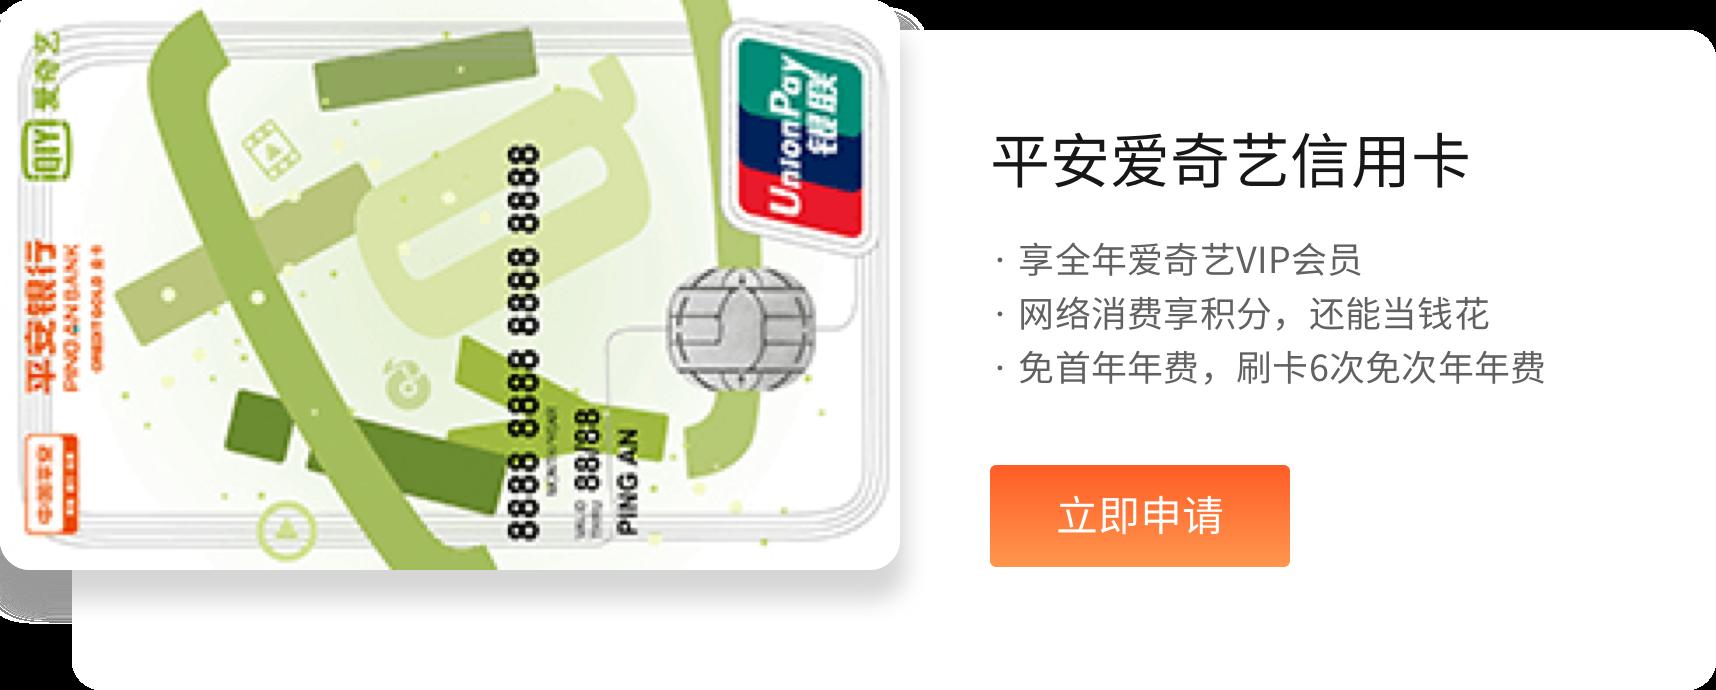 平安爱奇艺信用卡